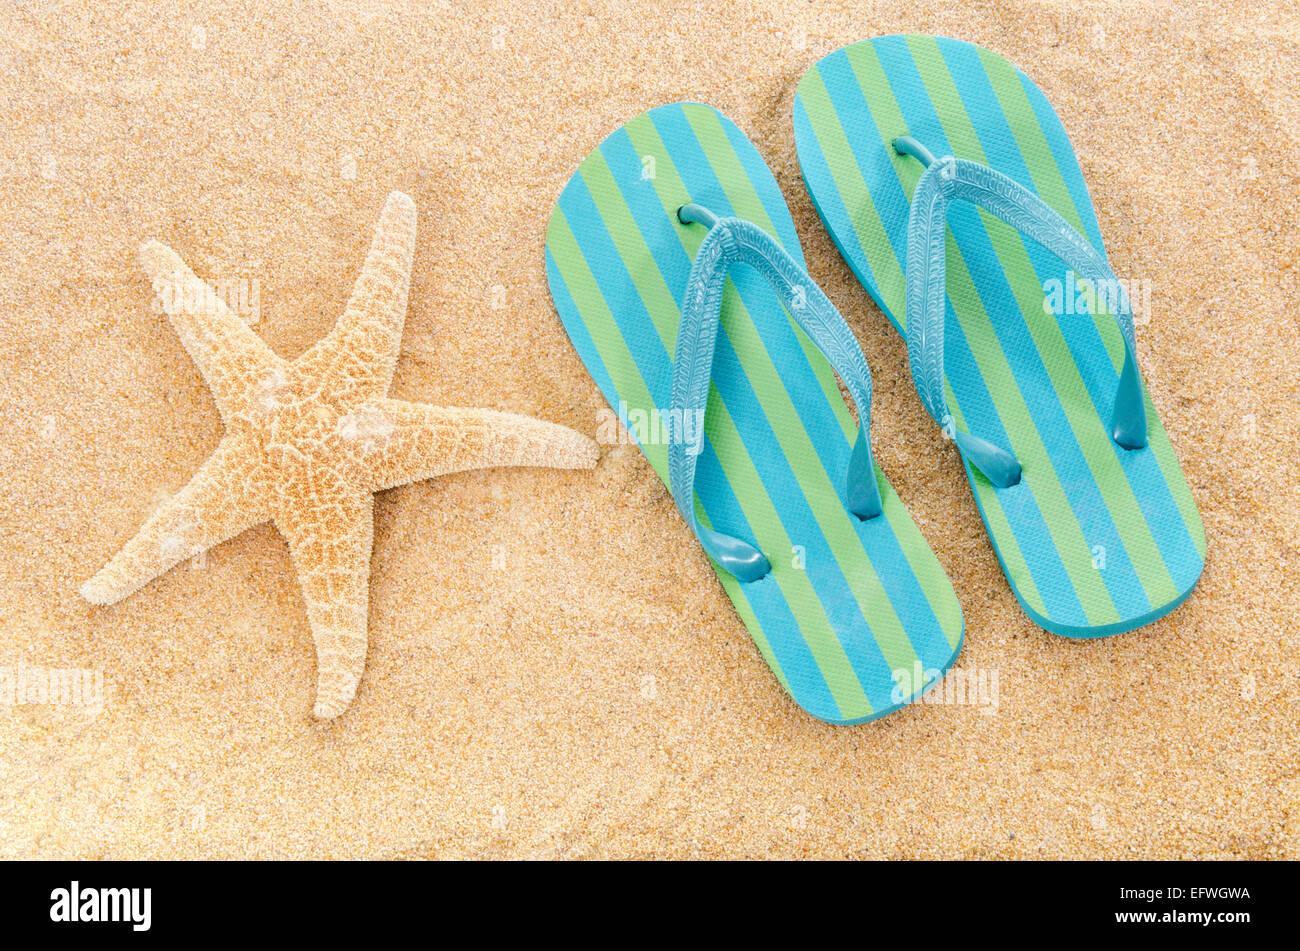 Striped flip flop sandali di gomma ciabatte sulla spiaggia sabbiosa stella di mare Stella di mare estate vacanze Foto Stock